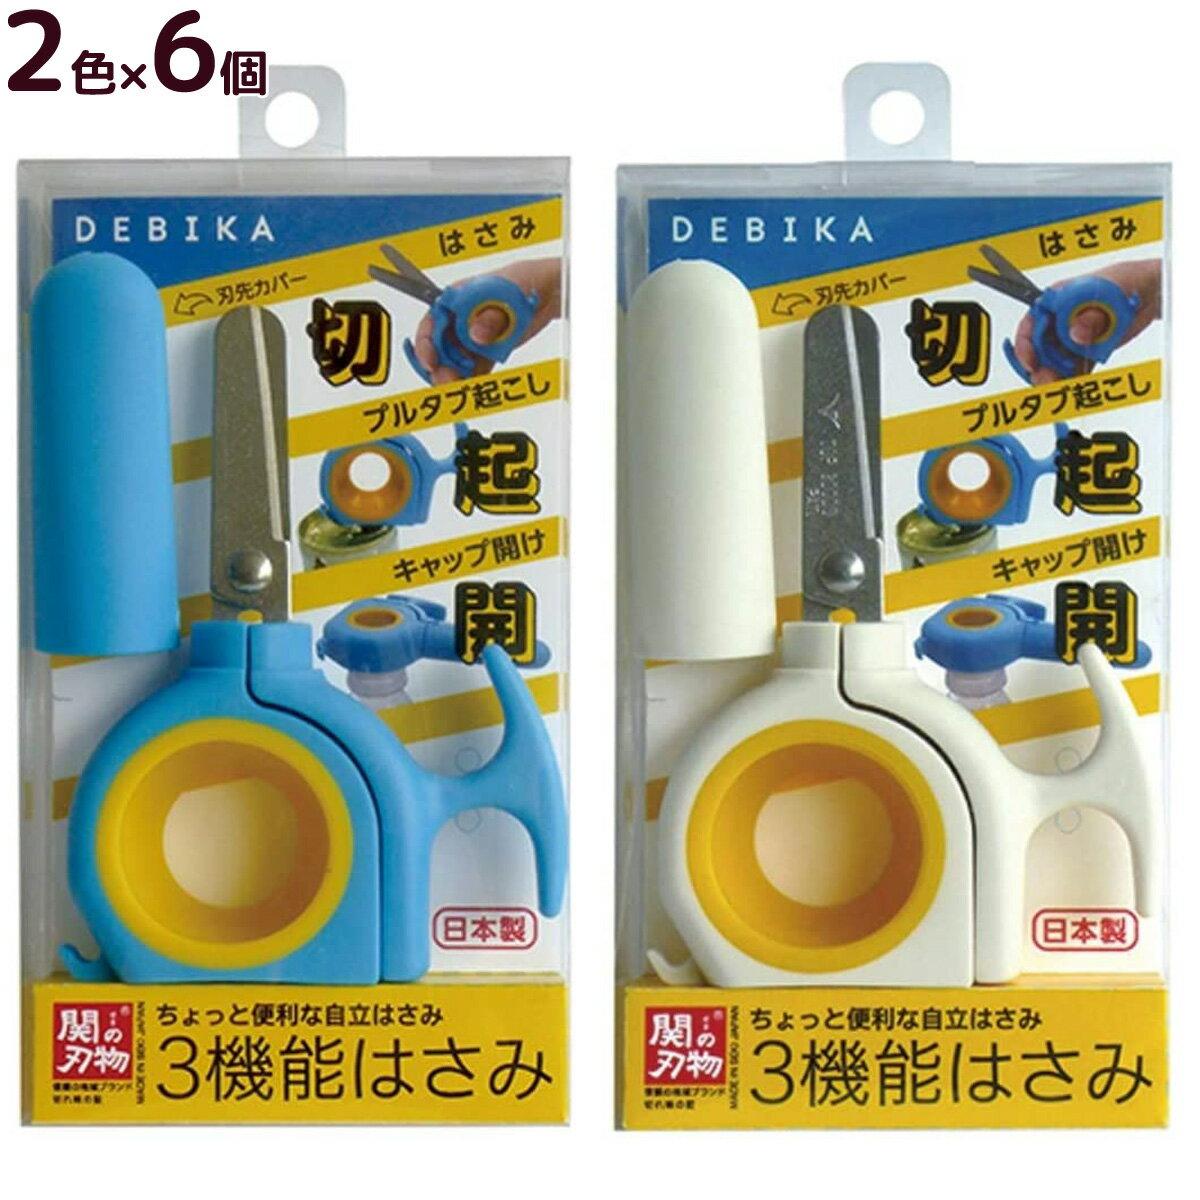 3機能はさみ 万能ハサミ ペットボトルオープナー 缶 プルタブ起こし 日本製 便利グッズ アイデア商品 キッチン 雑貨 セットセール 12個入り